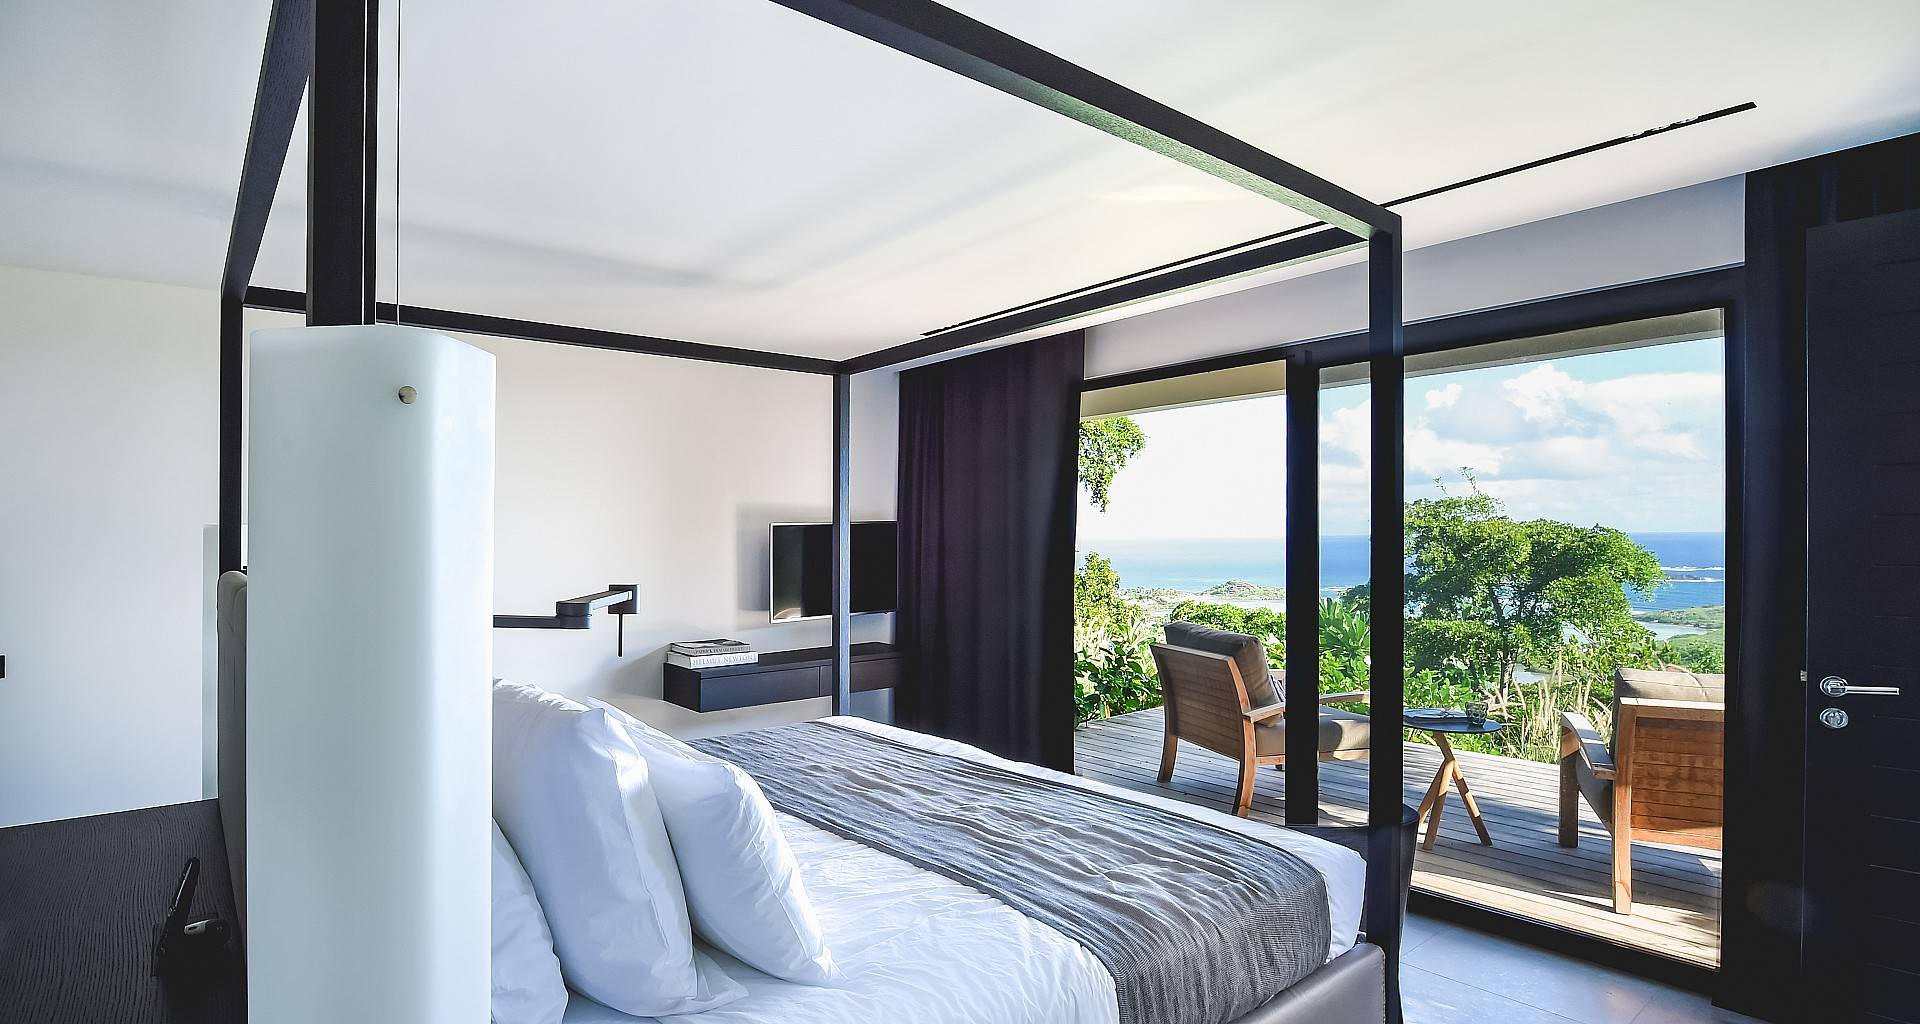 Villa Belle Etoile Bedroom 4 - Coco